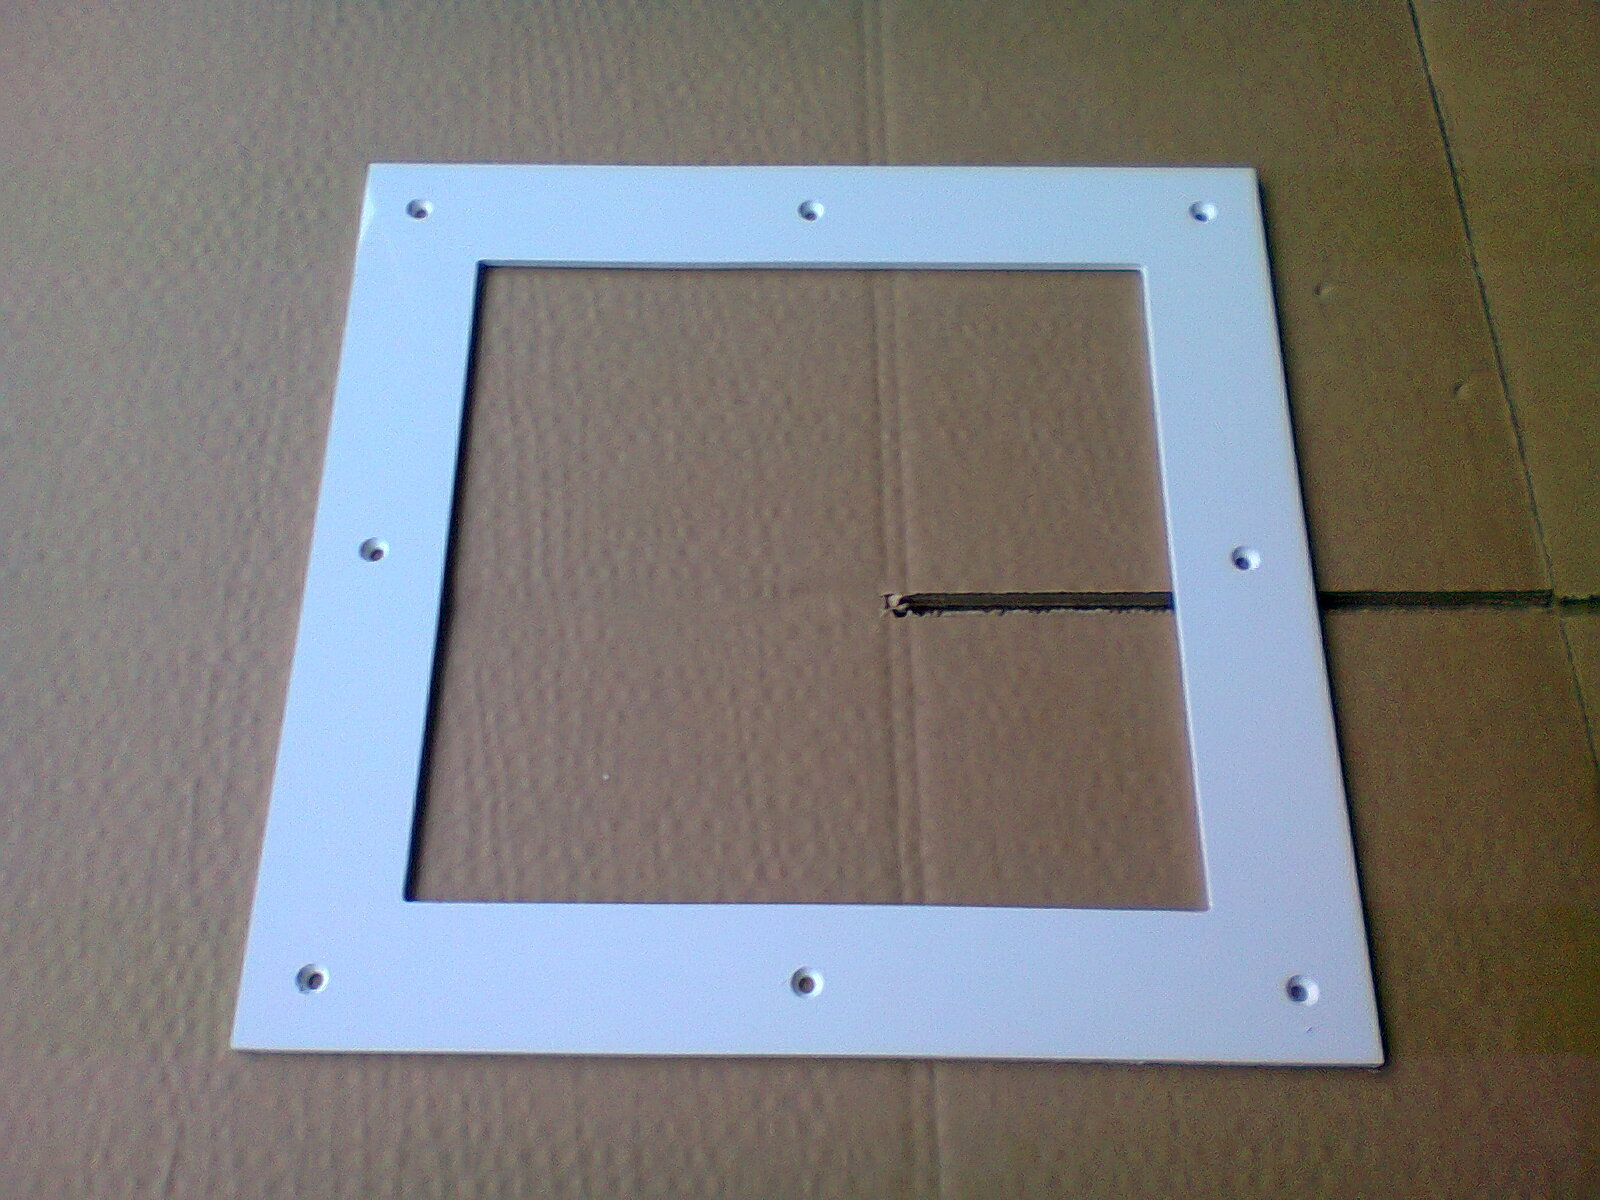 Hublots 1 vitre pour paisseur 14 mm abc hublots for Vitrage pour porte interieure